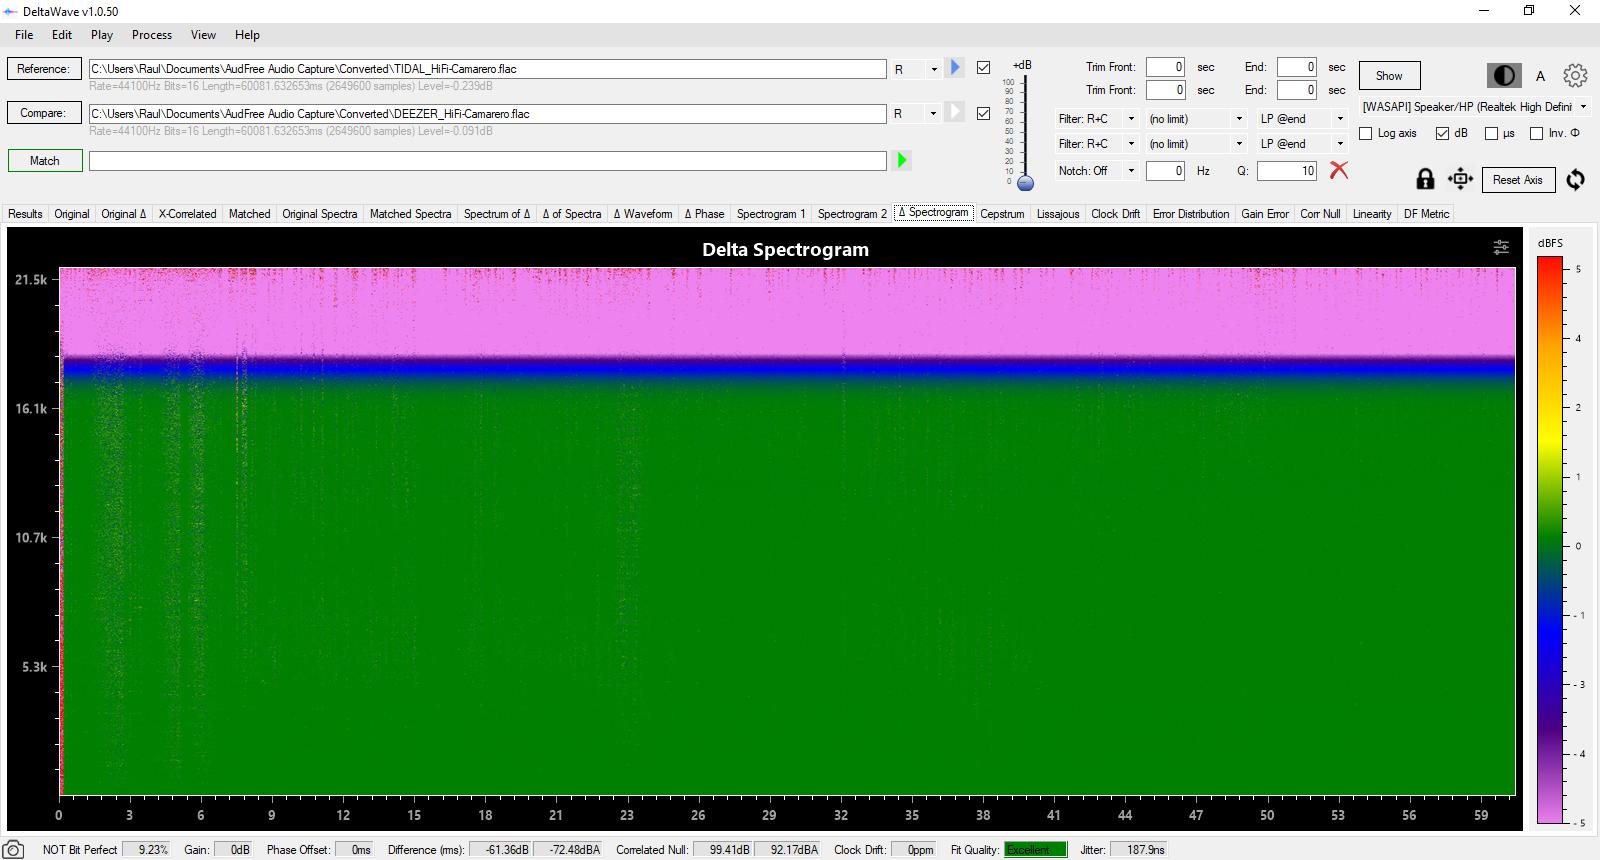 TIDAL_HiFi_vs_DEEZER_HiFi_(Camarero)_DeltaSpectrogram.png